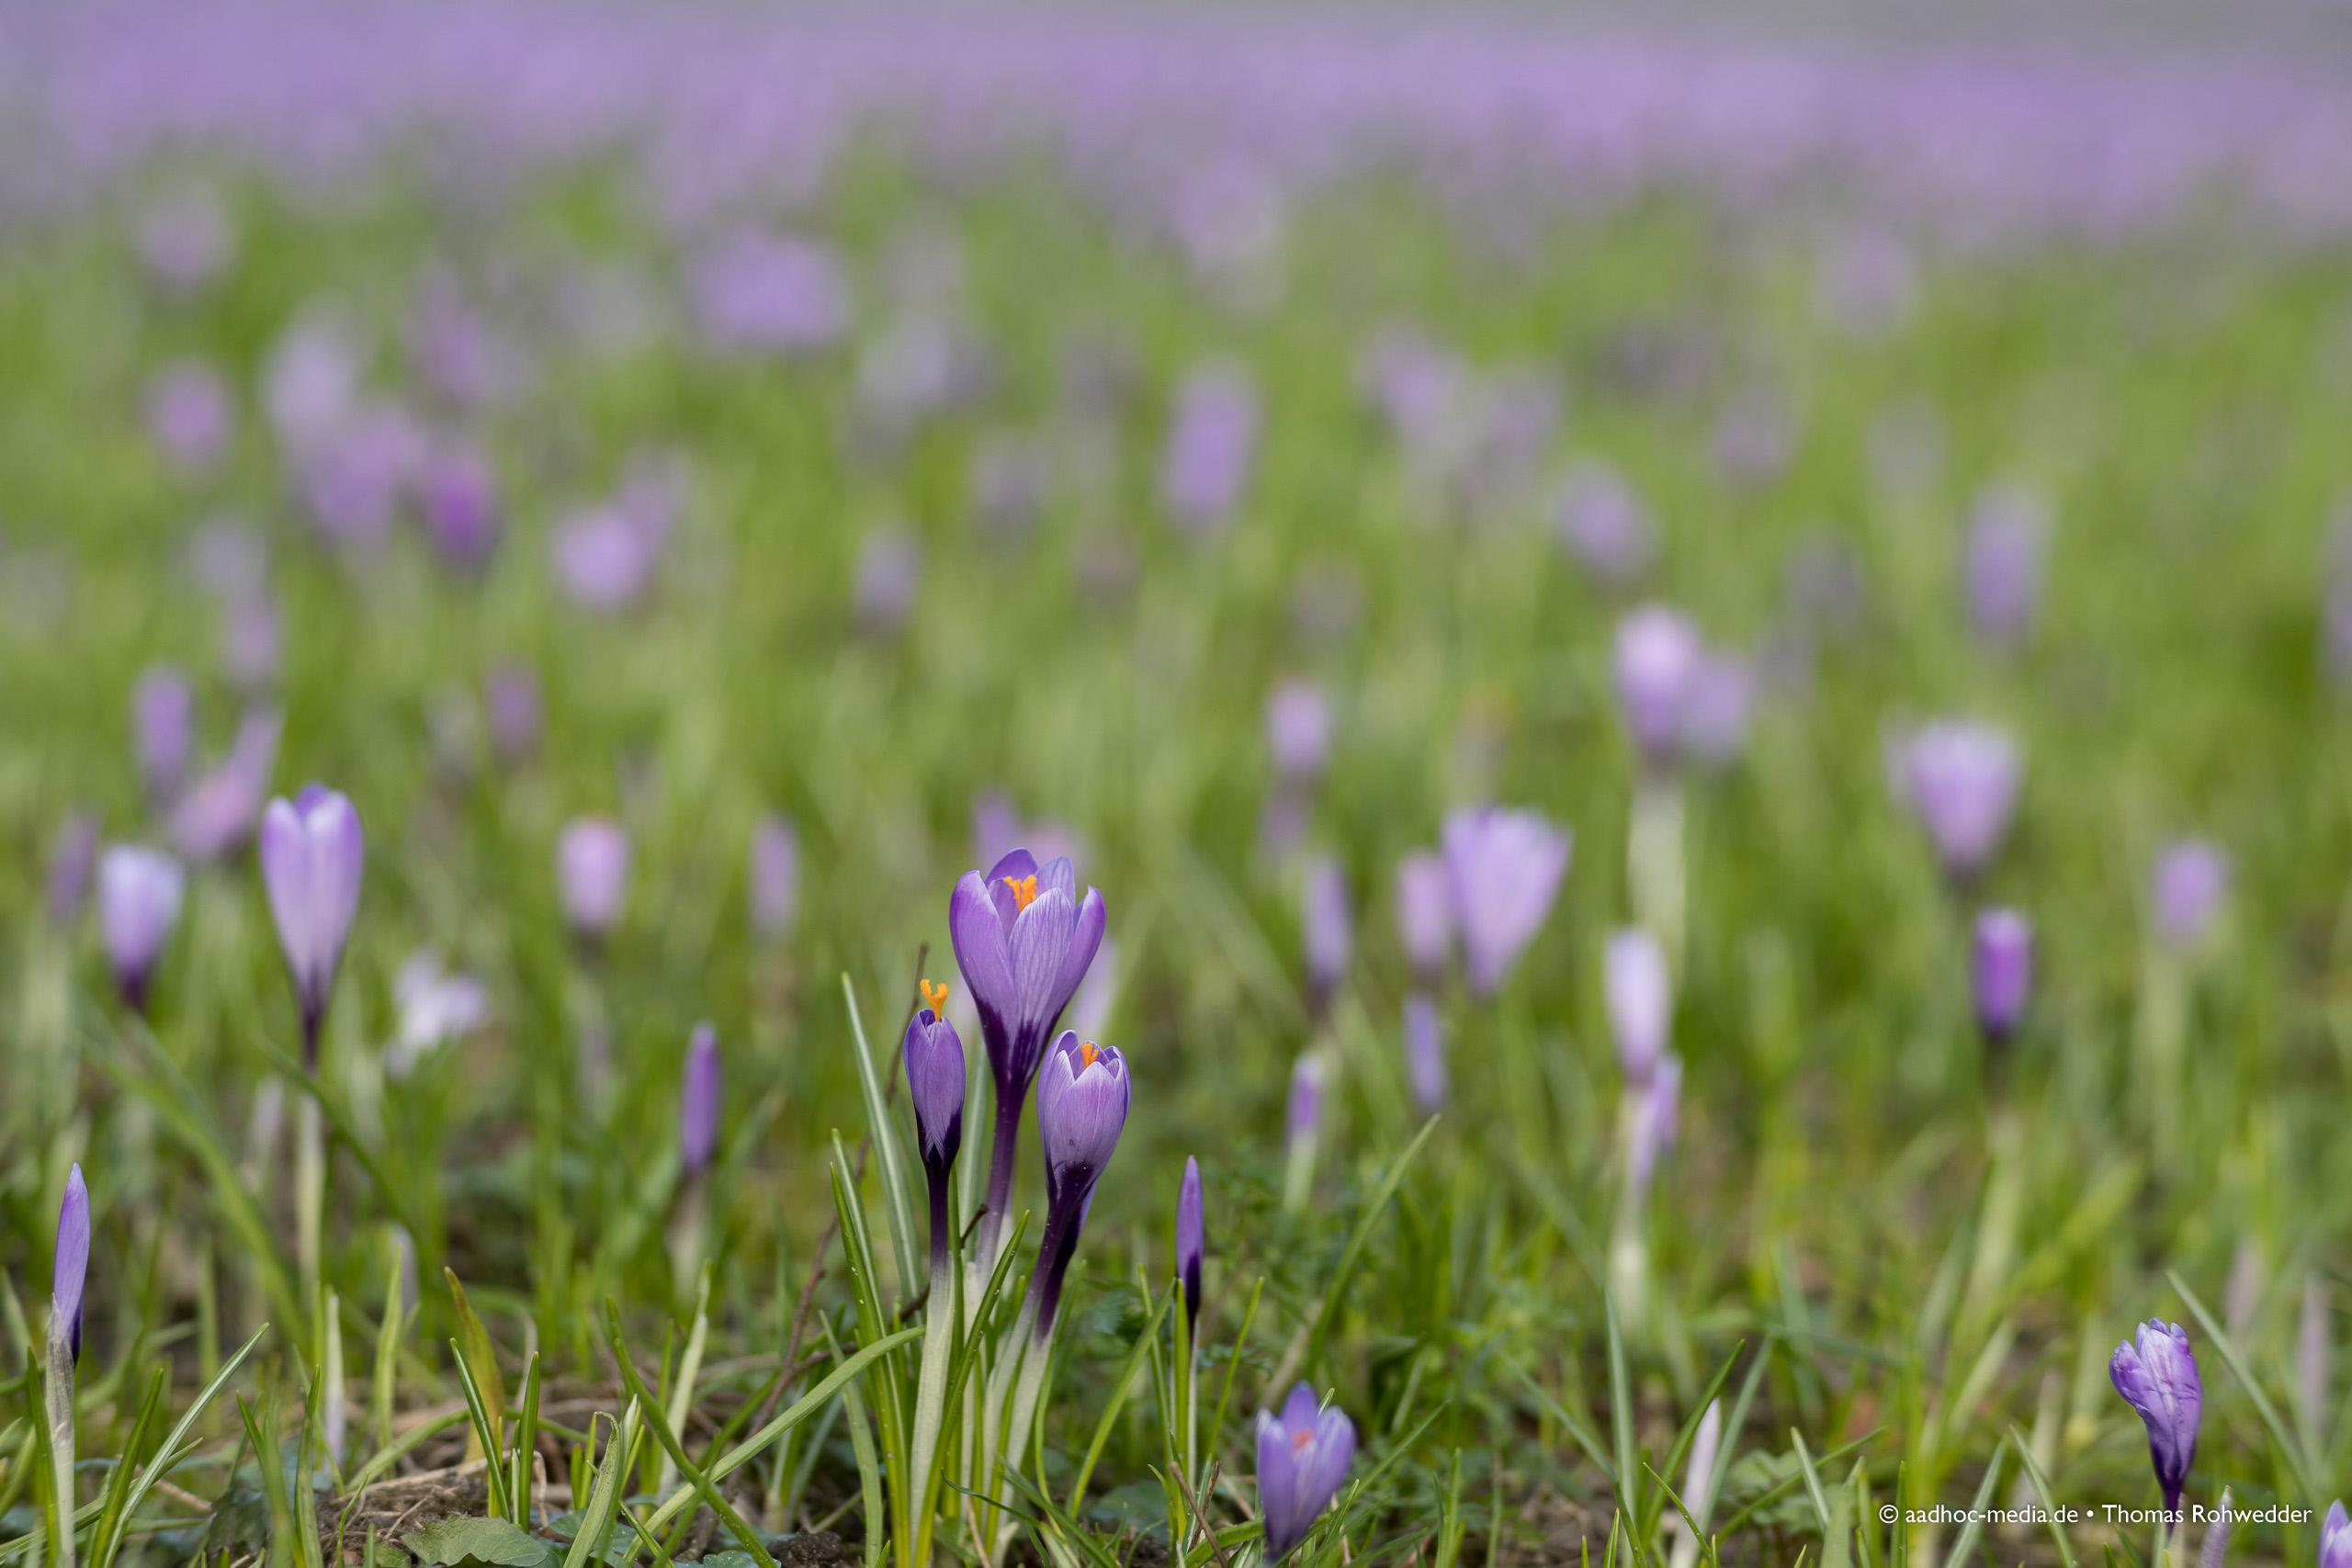 Krokusblüte in Husum - Fotograf aus Kiel - ©Photo: aadhoc-media • Thomas Rohwedder